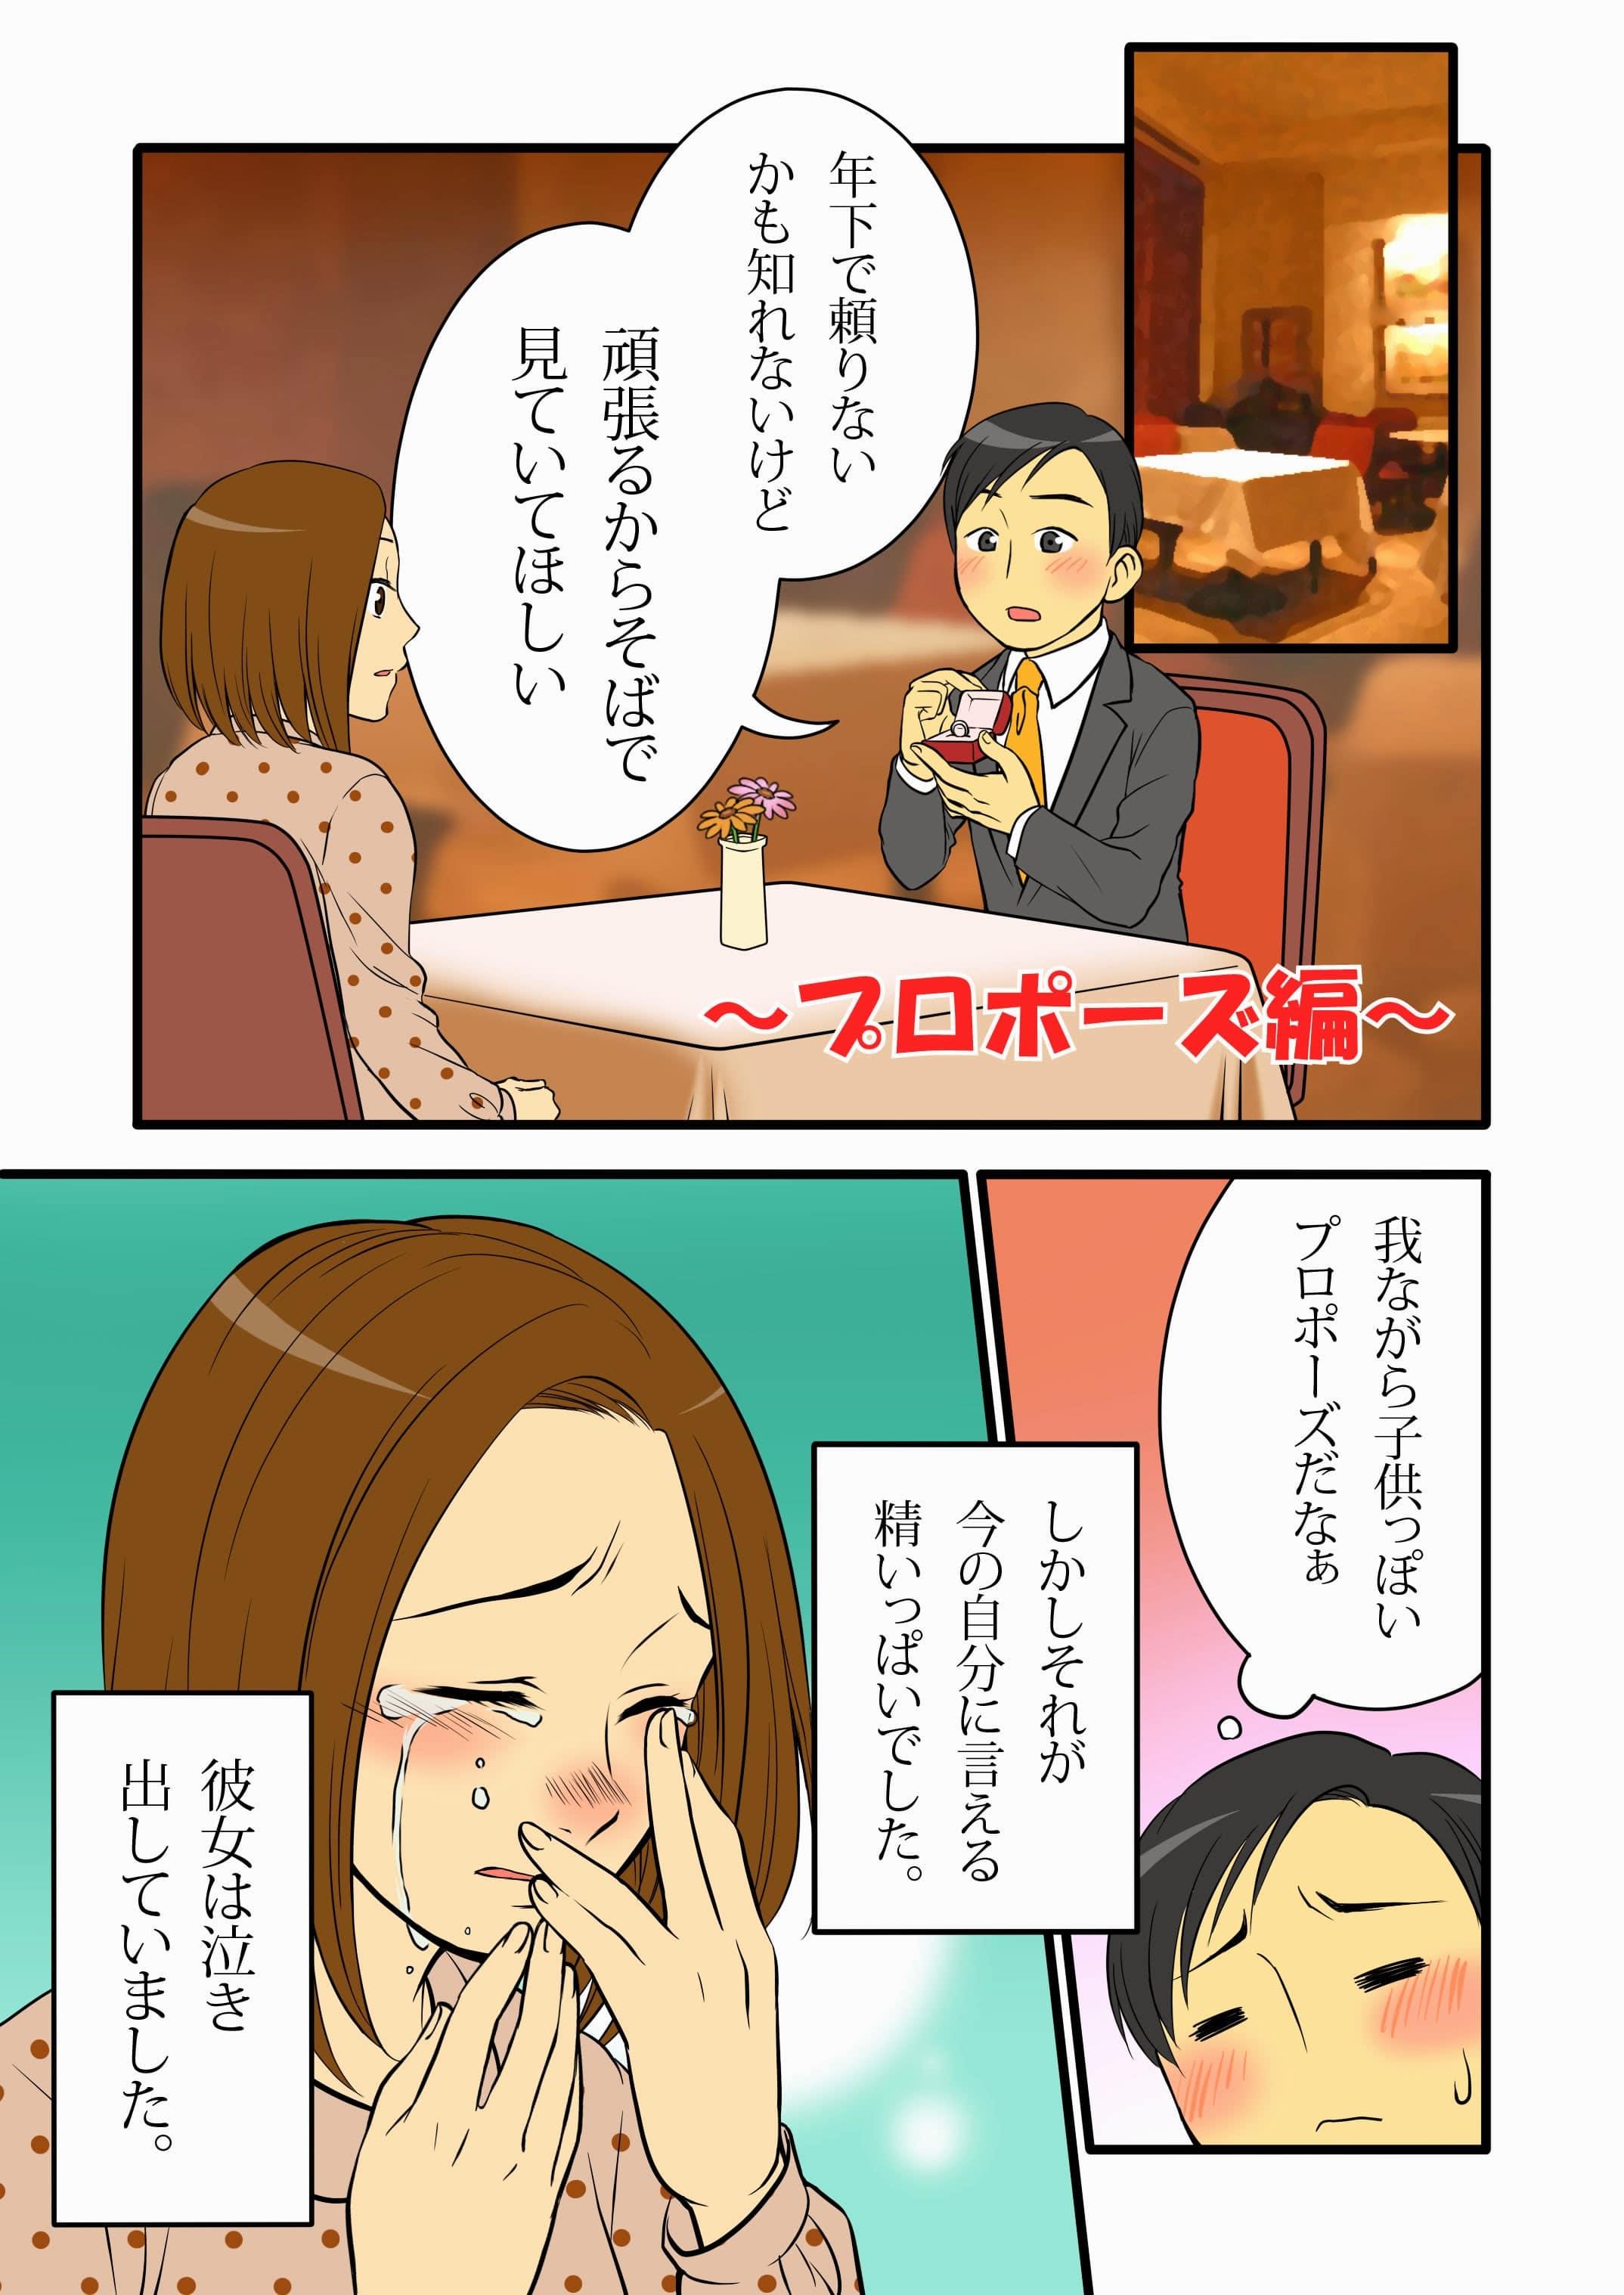 【漫画あり】ビジネスマンガの失敗談を大胆公開